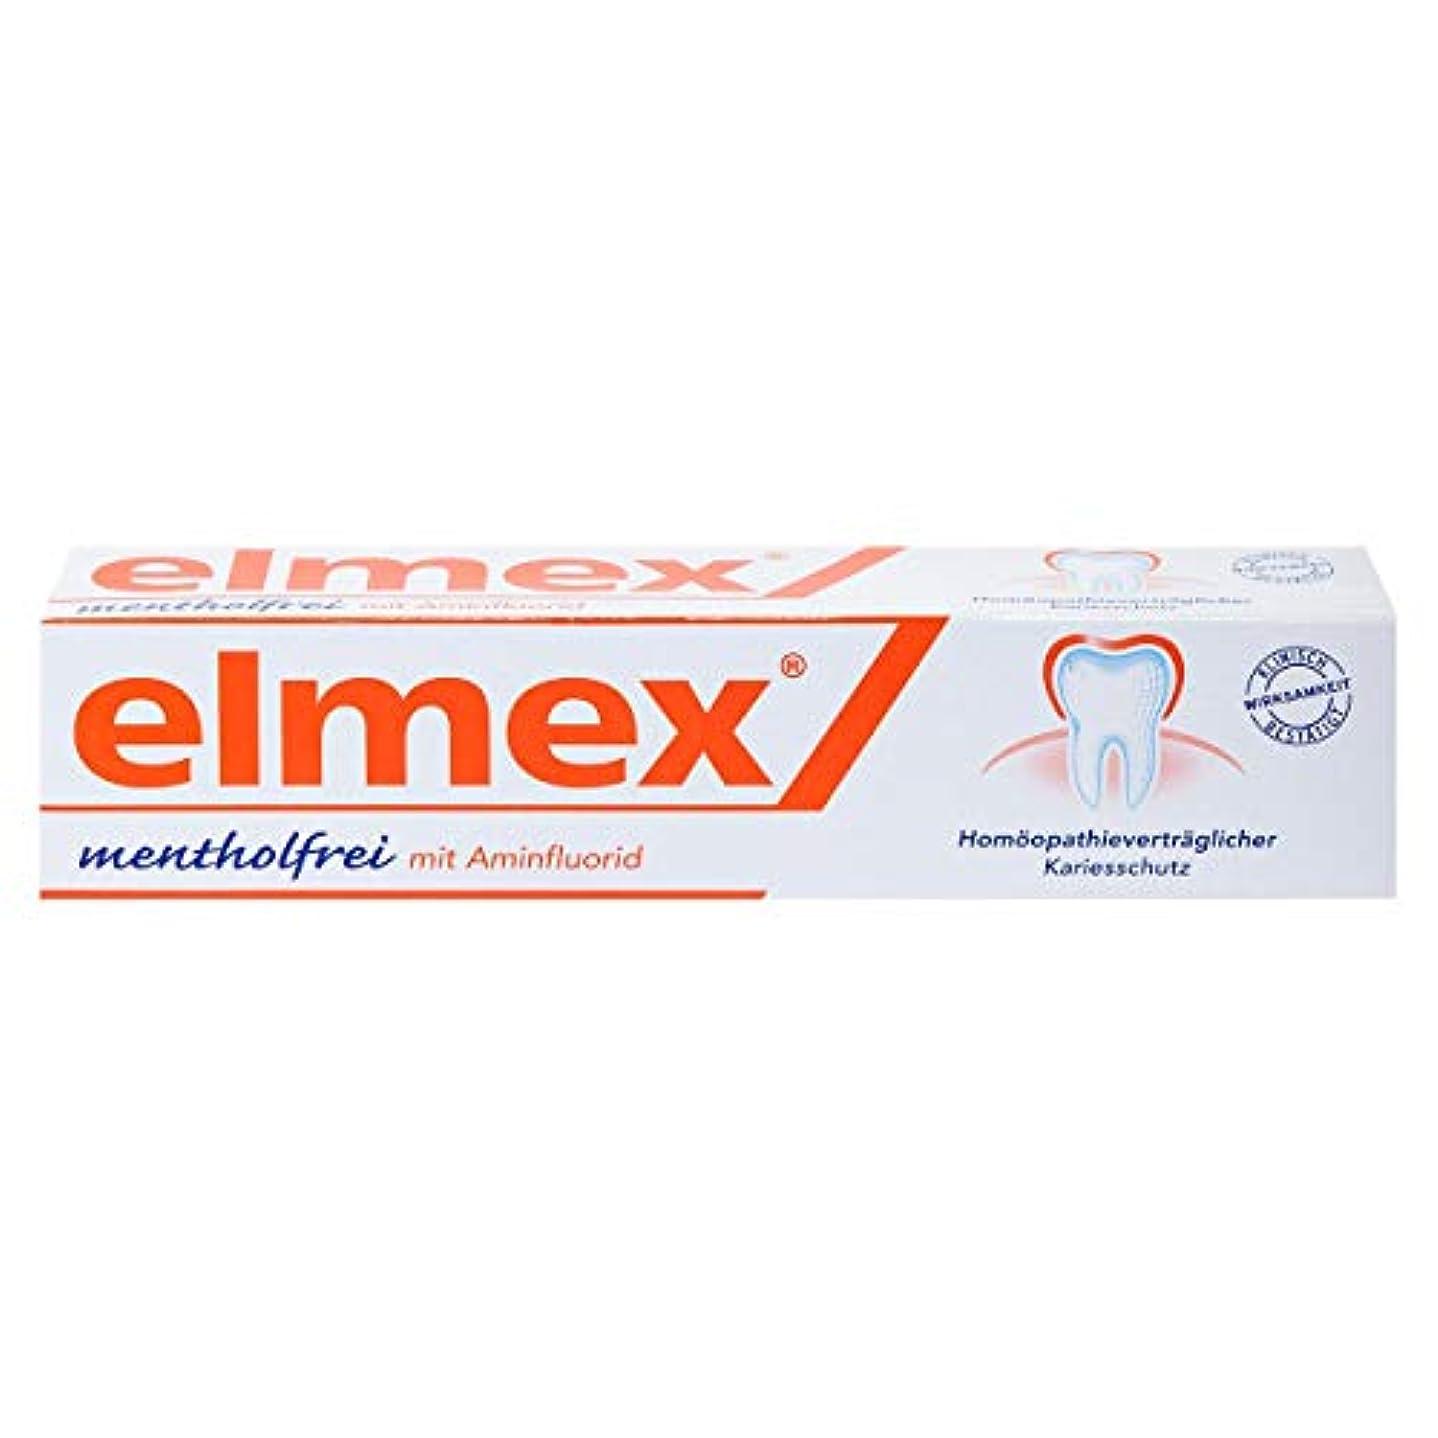 蒸留柔らかい倒産3本セット elmex エルメックス メントールフリー 虫歯予防 歯磨き粉 75ml【並行輸入品】